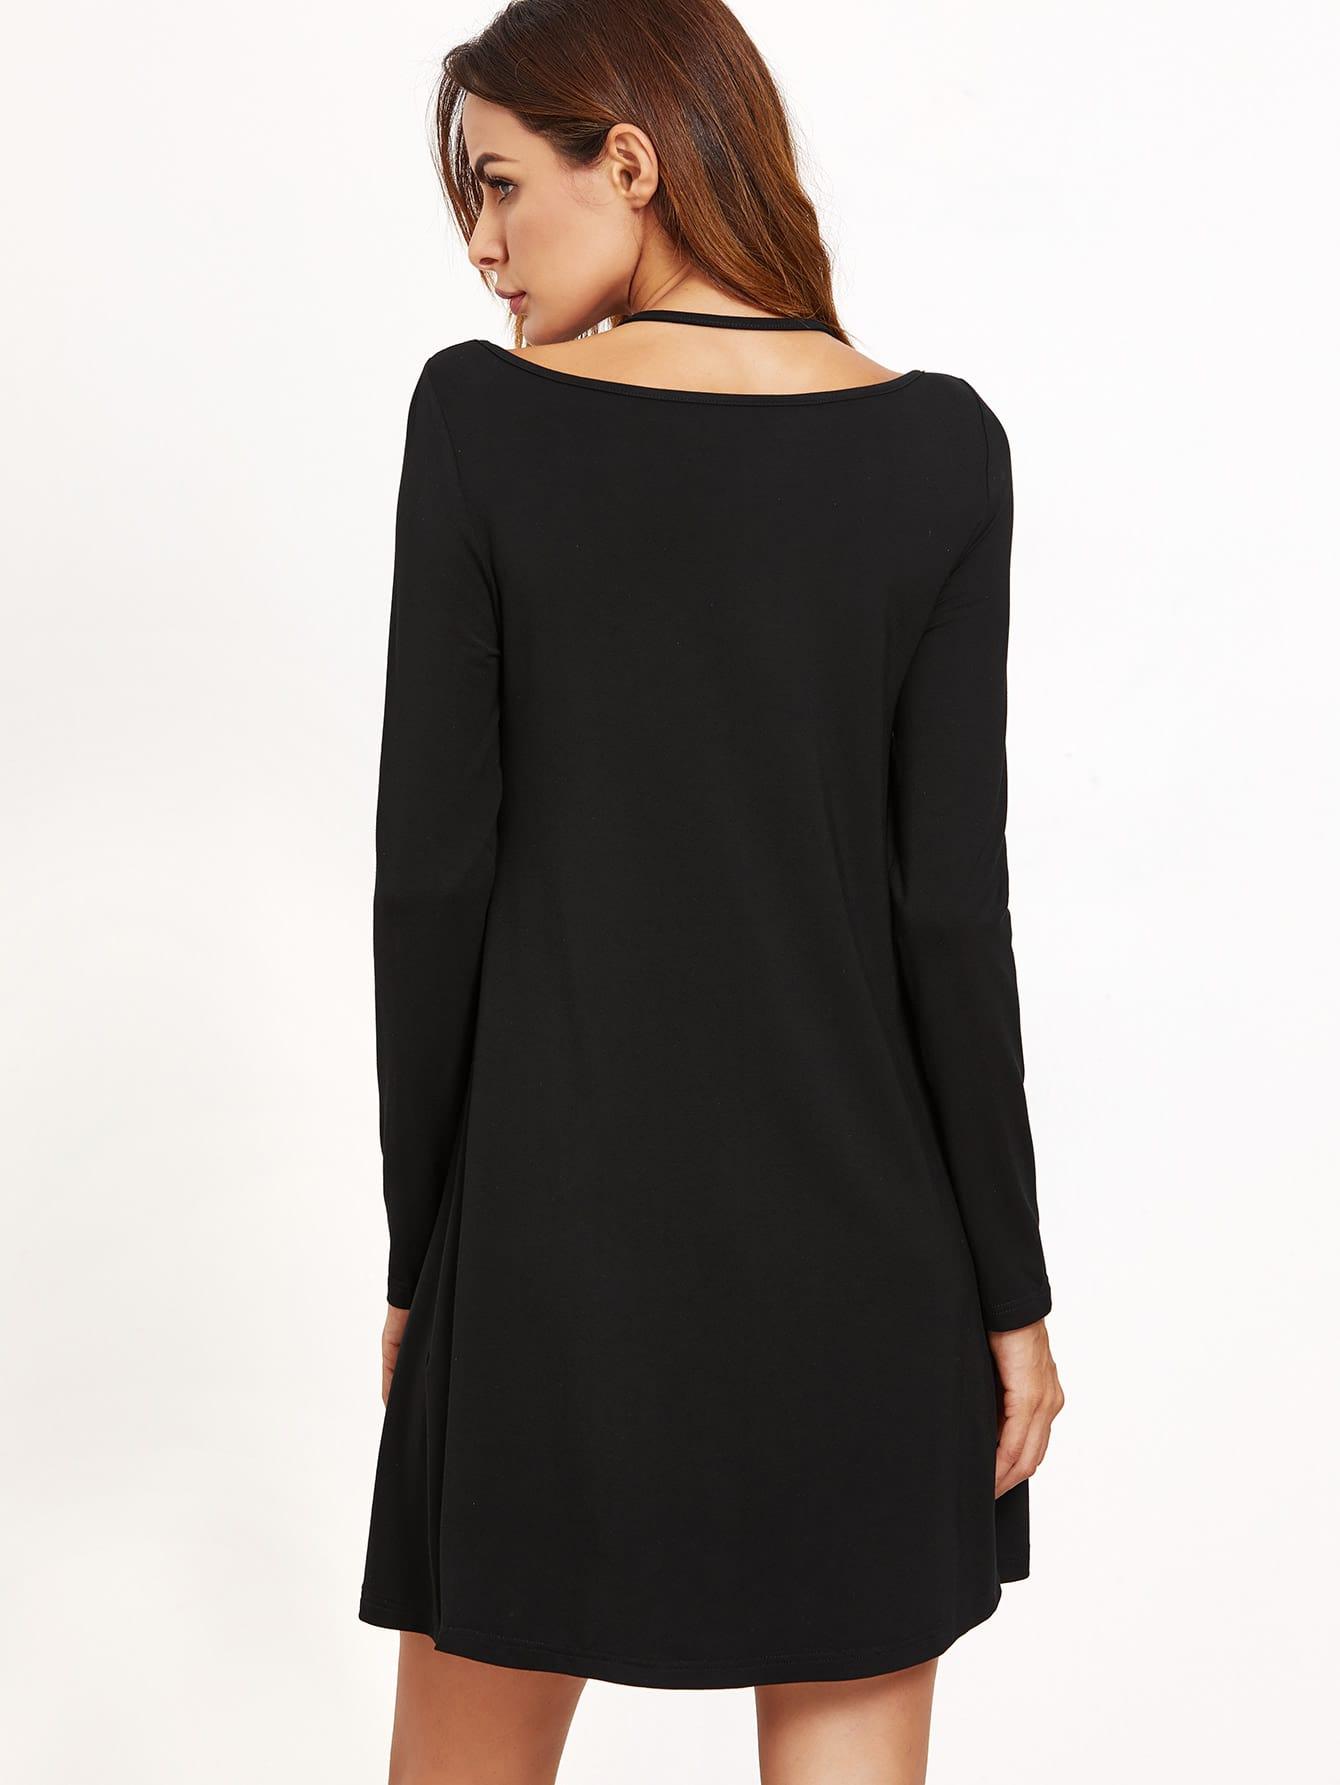 dress161021707_2